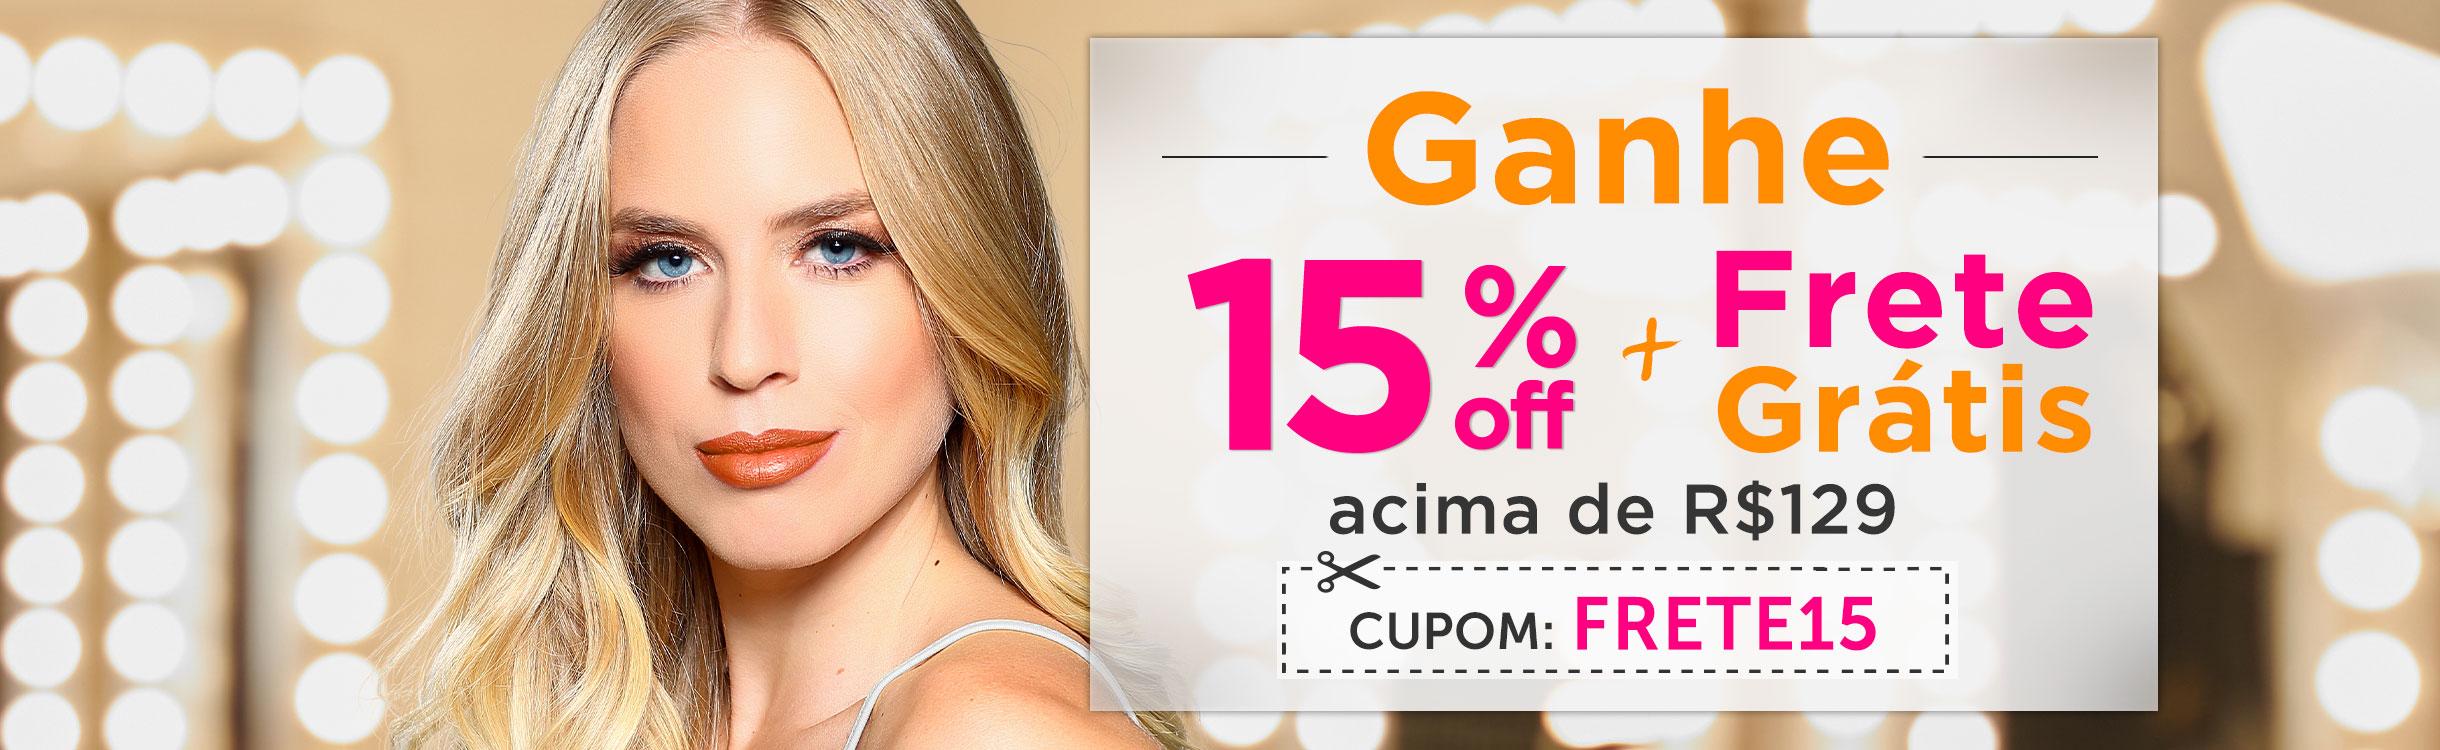 15% OFF Extra + Frete Grátis